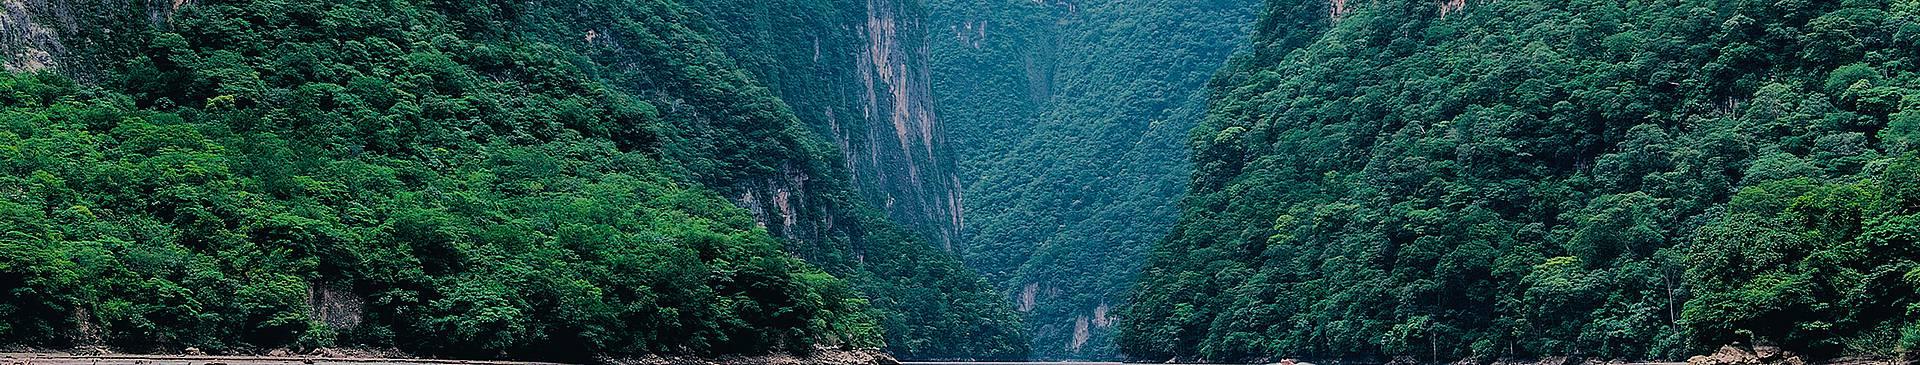 Naturreisen Mexiko